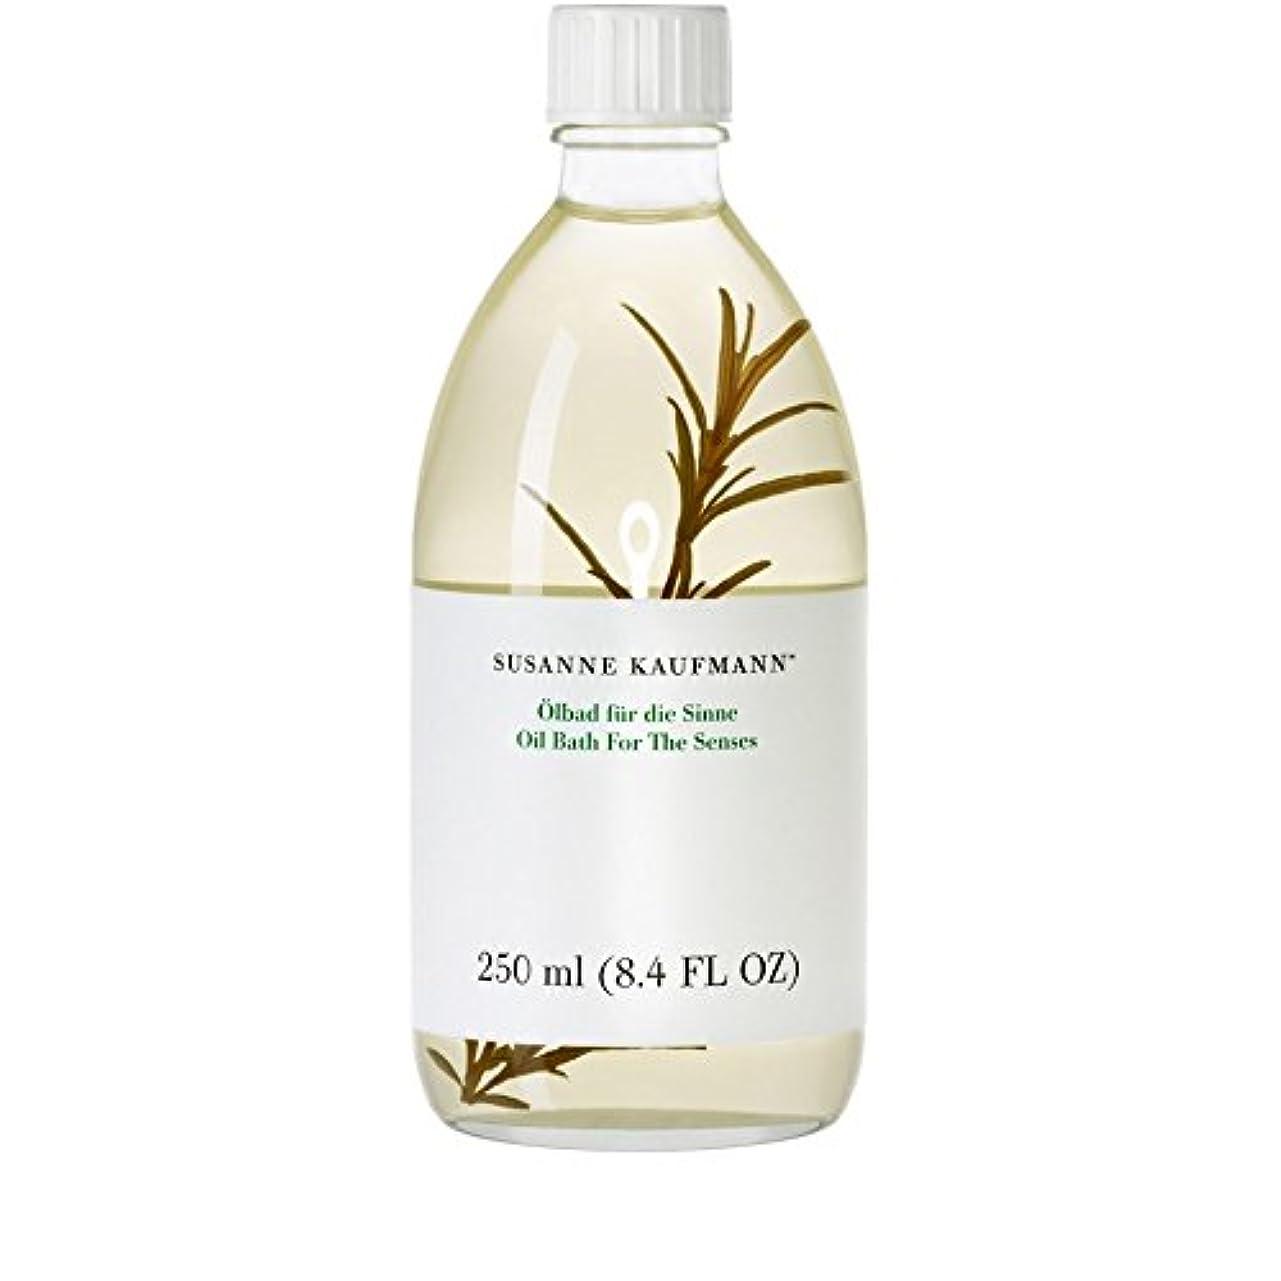 キリスト教ディスコ側250ミリリットルの感覚のためのスザンヌカウフマンオイルバス x2 - Susanne Kaufmann Oil Bath for the Senses 250ml (Pack of 2) [並行輸入品]